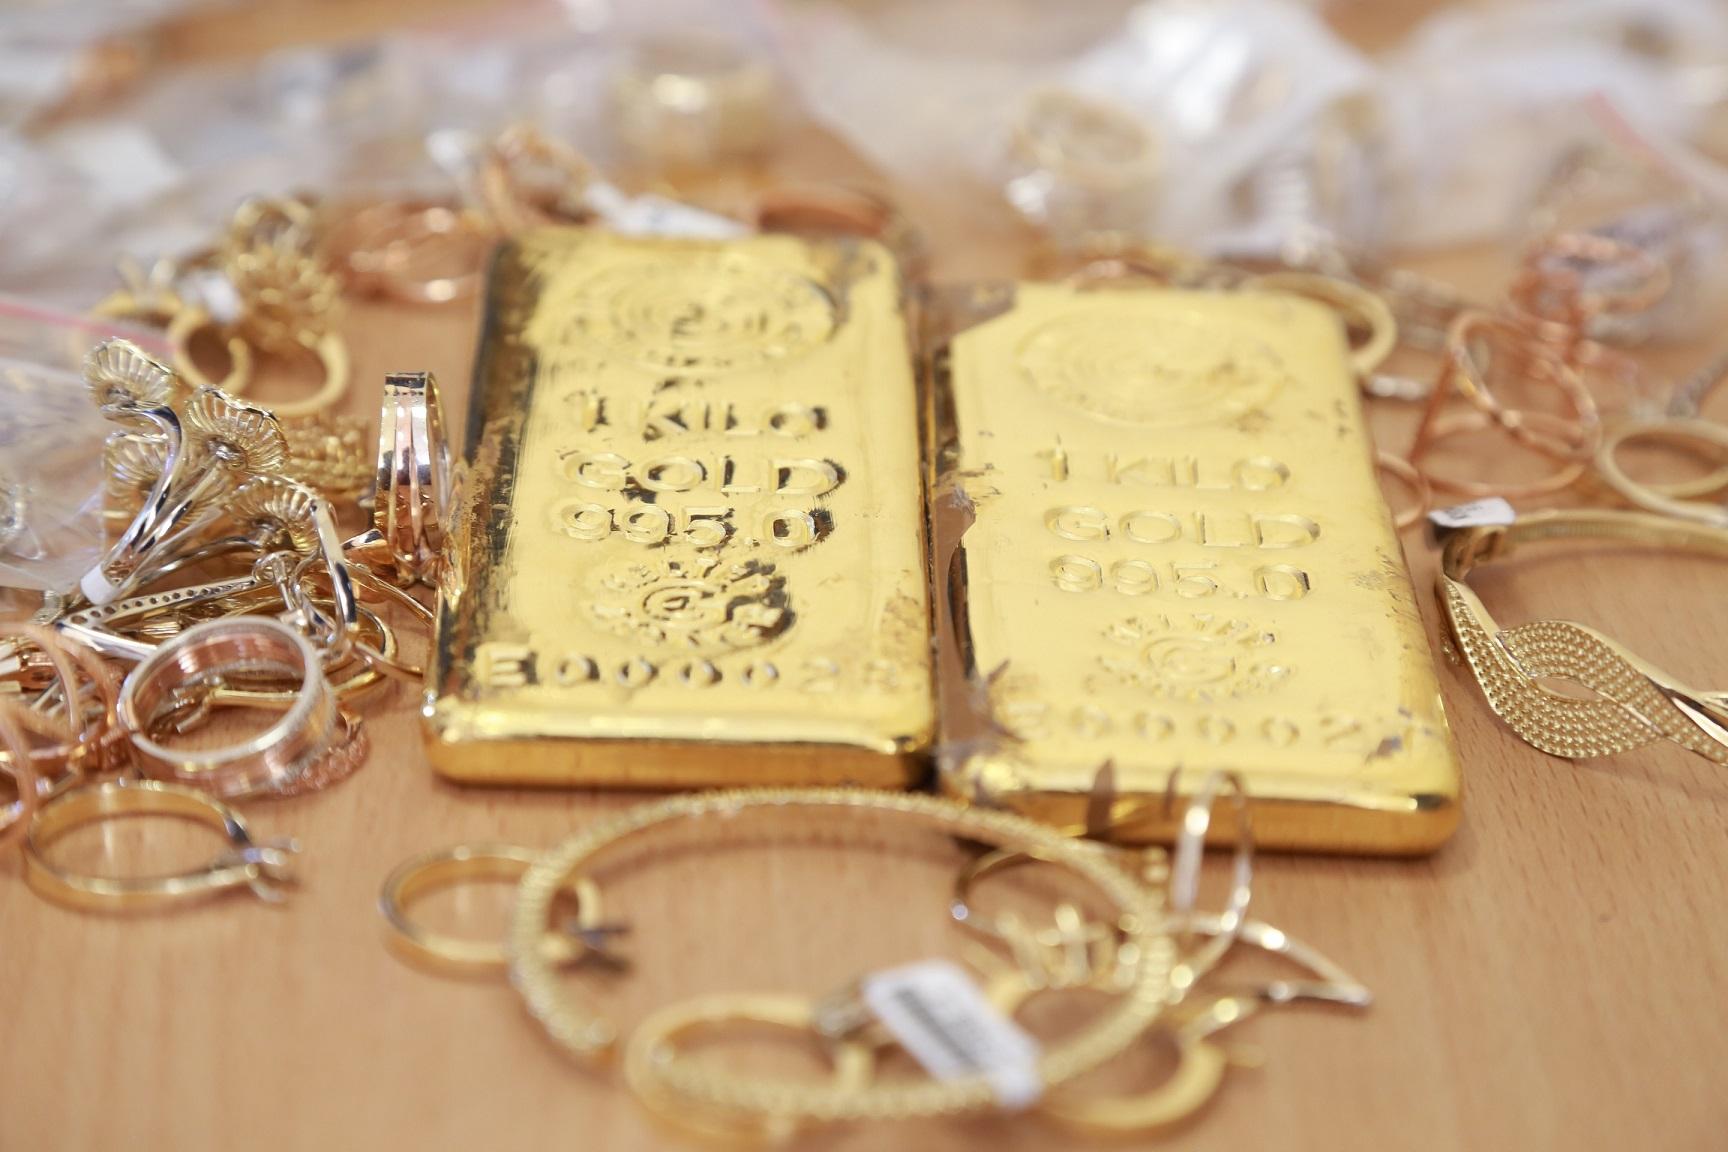 جمارك دبي : 67 مليار درهم تجارة الذهب والألماس عبر الشحن الجوي